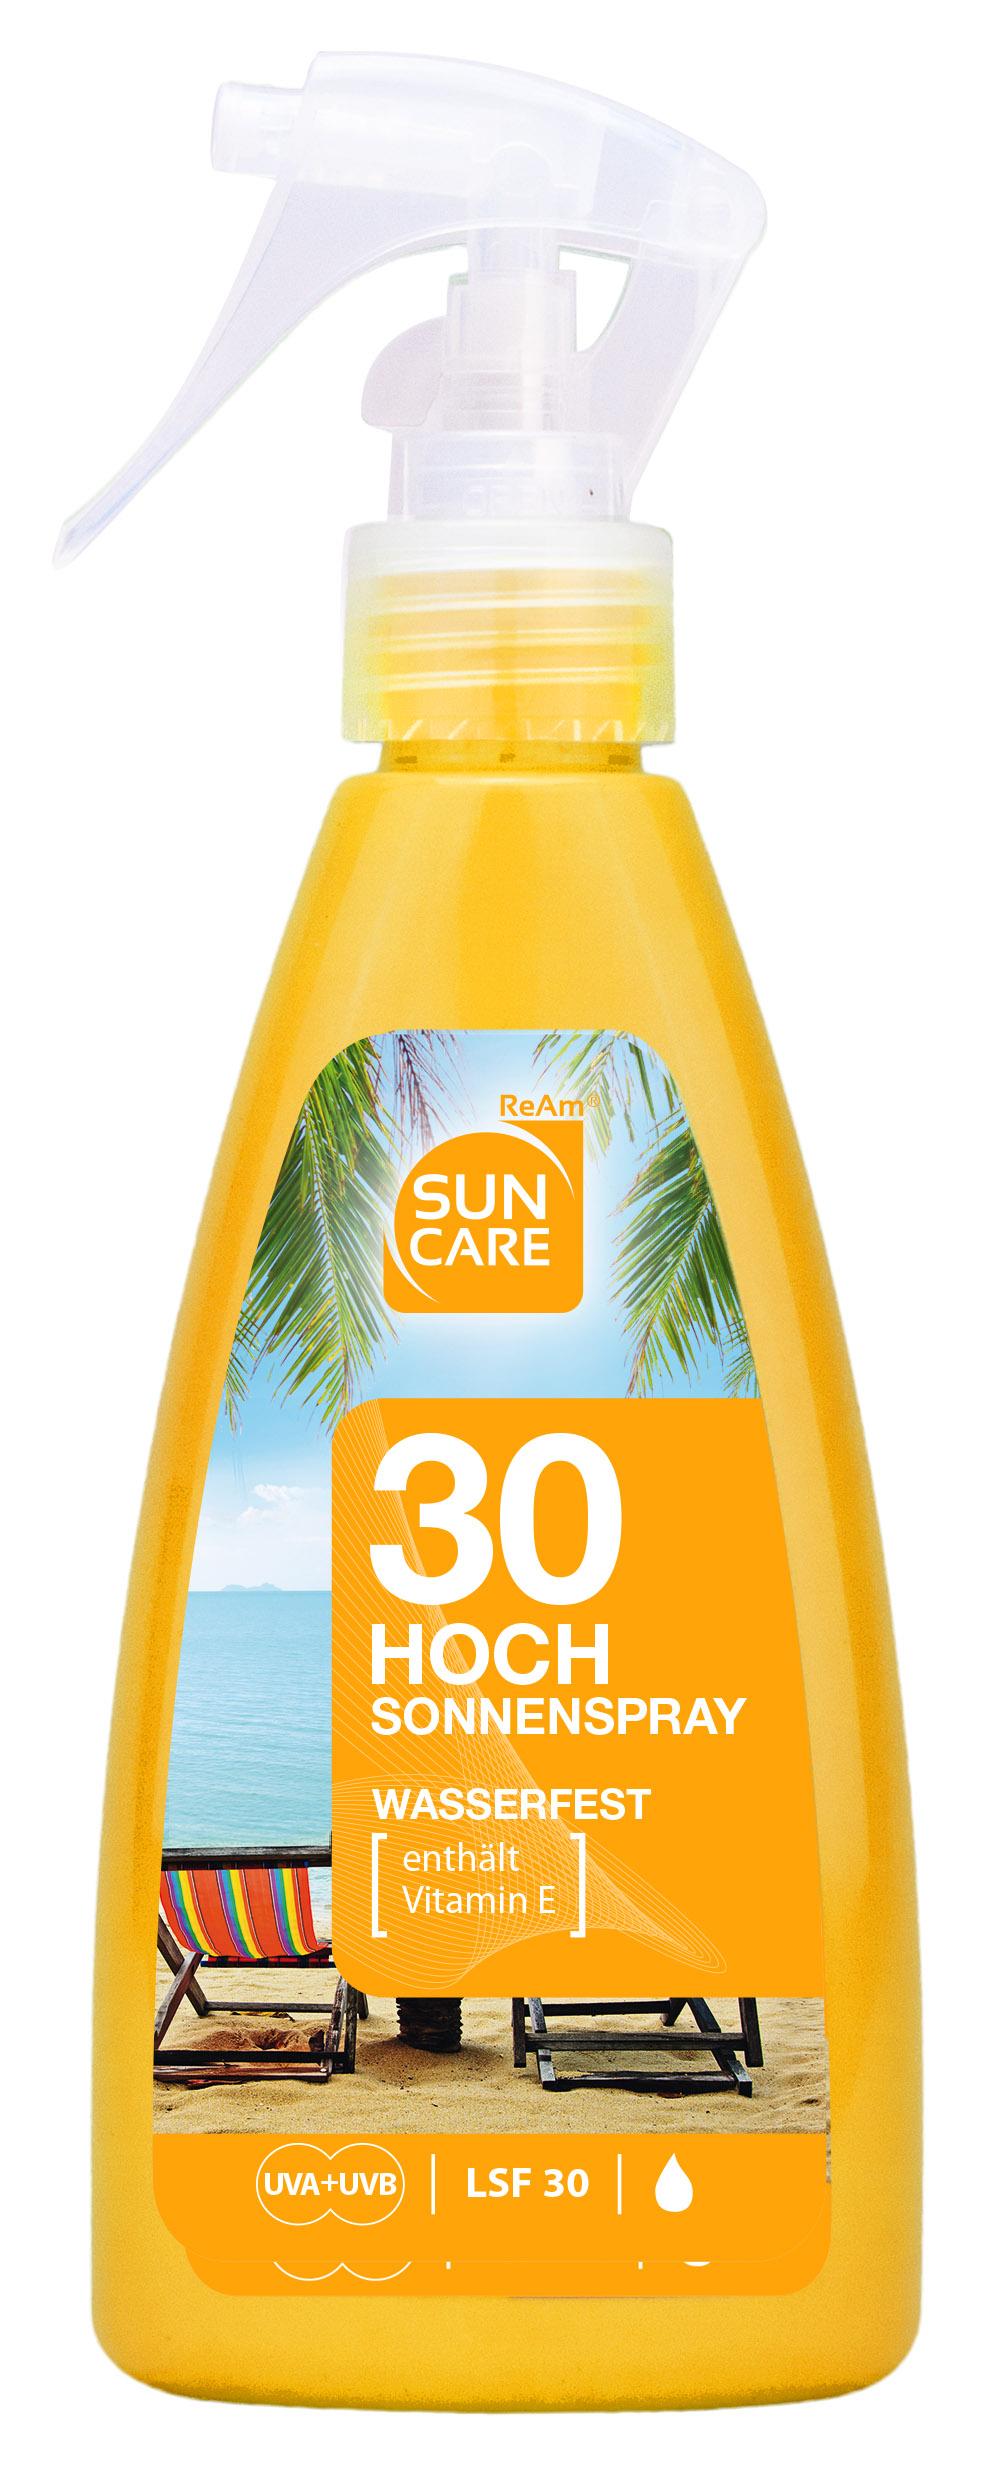 რეამ მზის/დამც. 1323 სპრეი/რძე გასარუჯი SPF-30 200მლ *